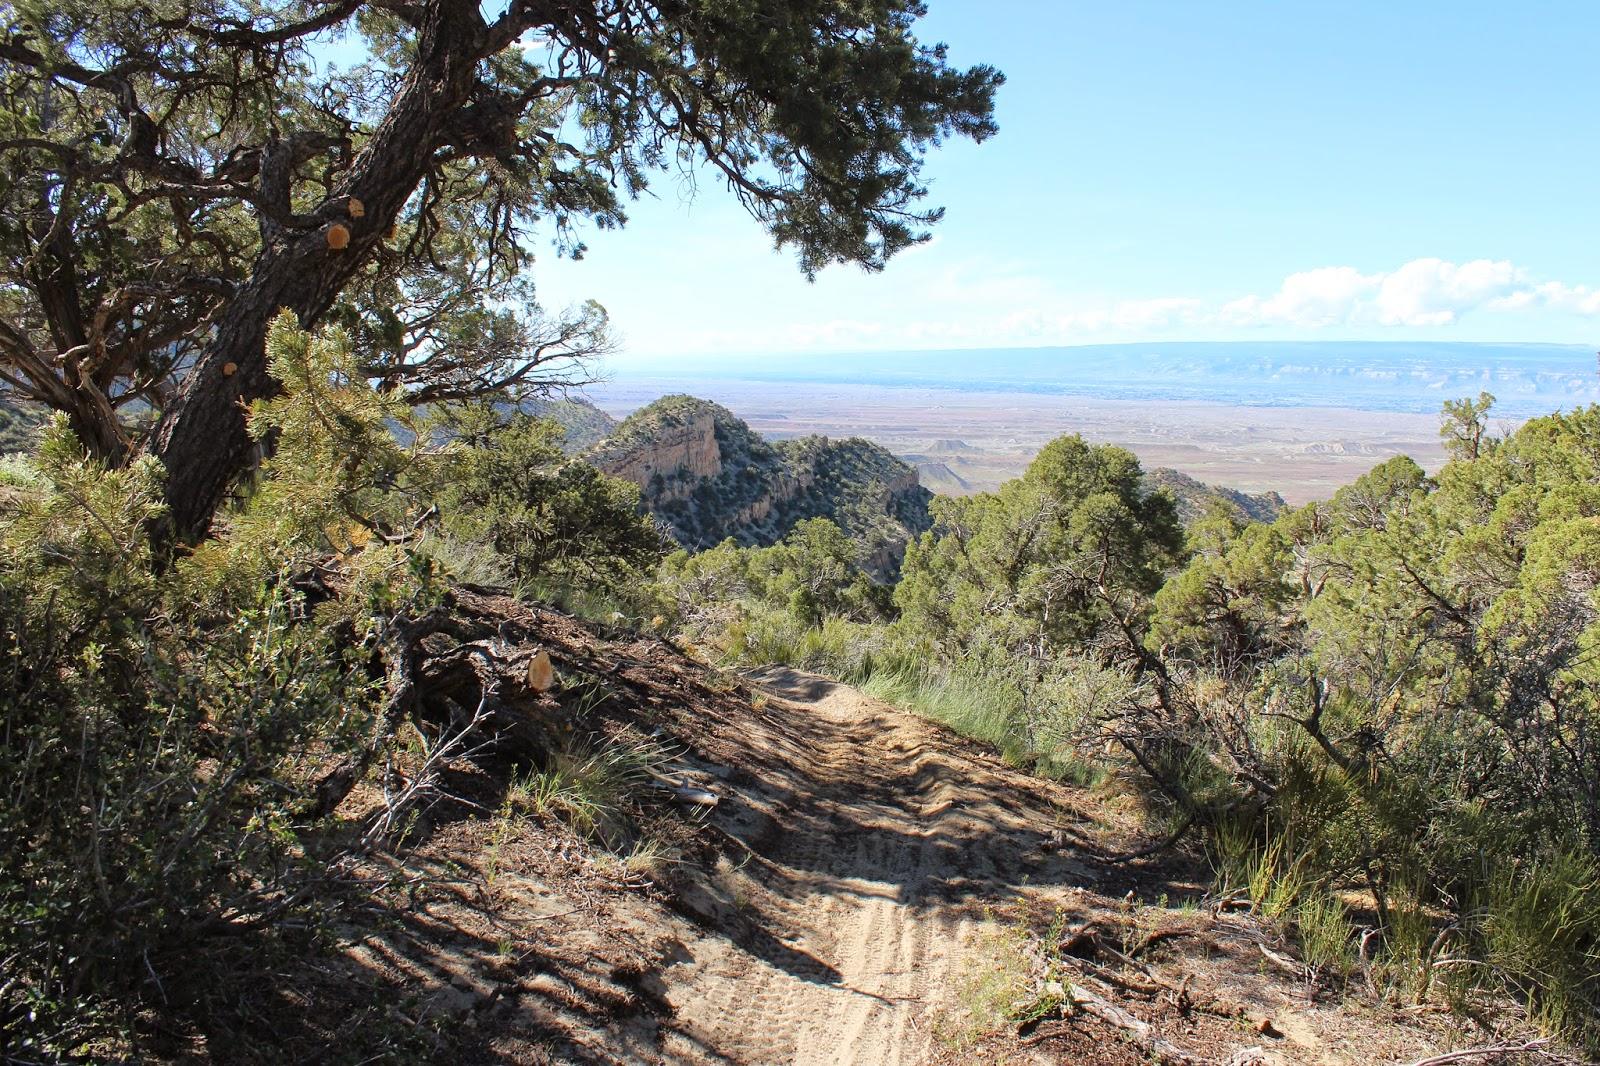 gjhikes com: Sarlacc Trail